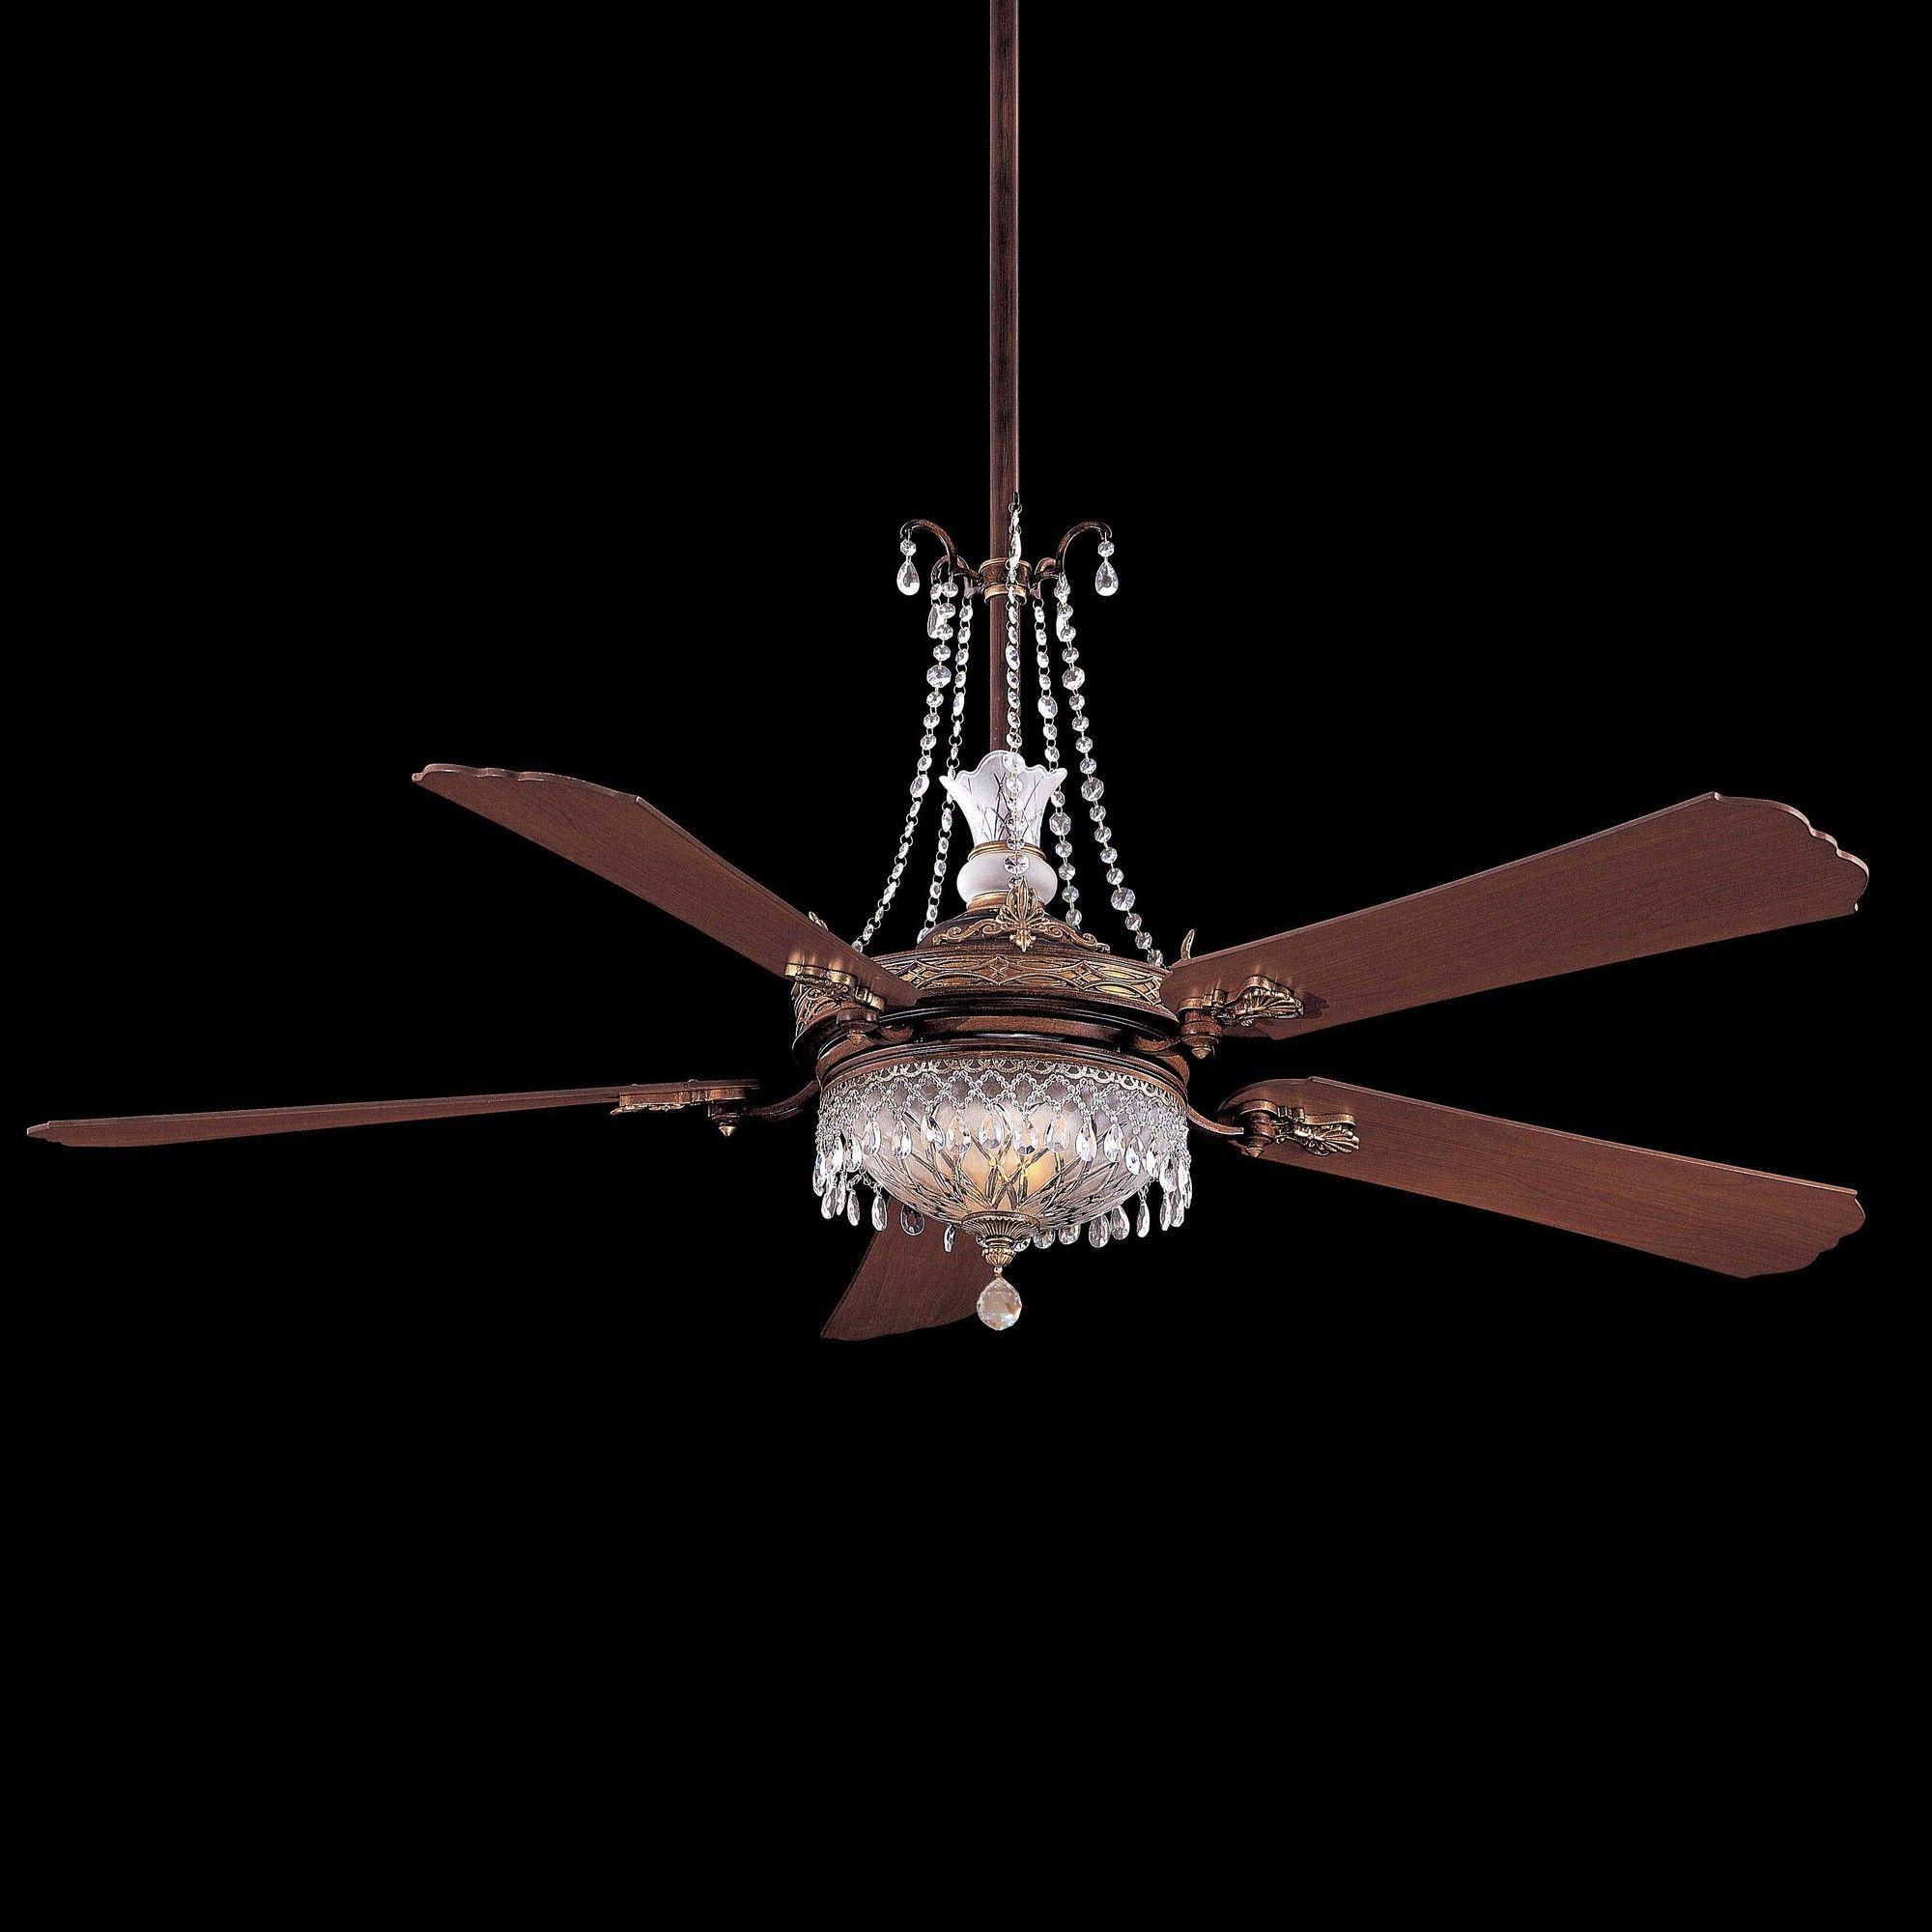 Cristafano Chandelier Ceiling Fan Light Kit